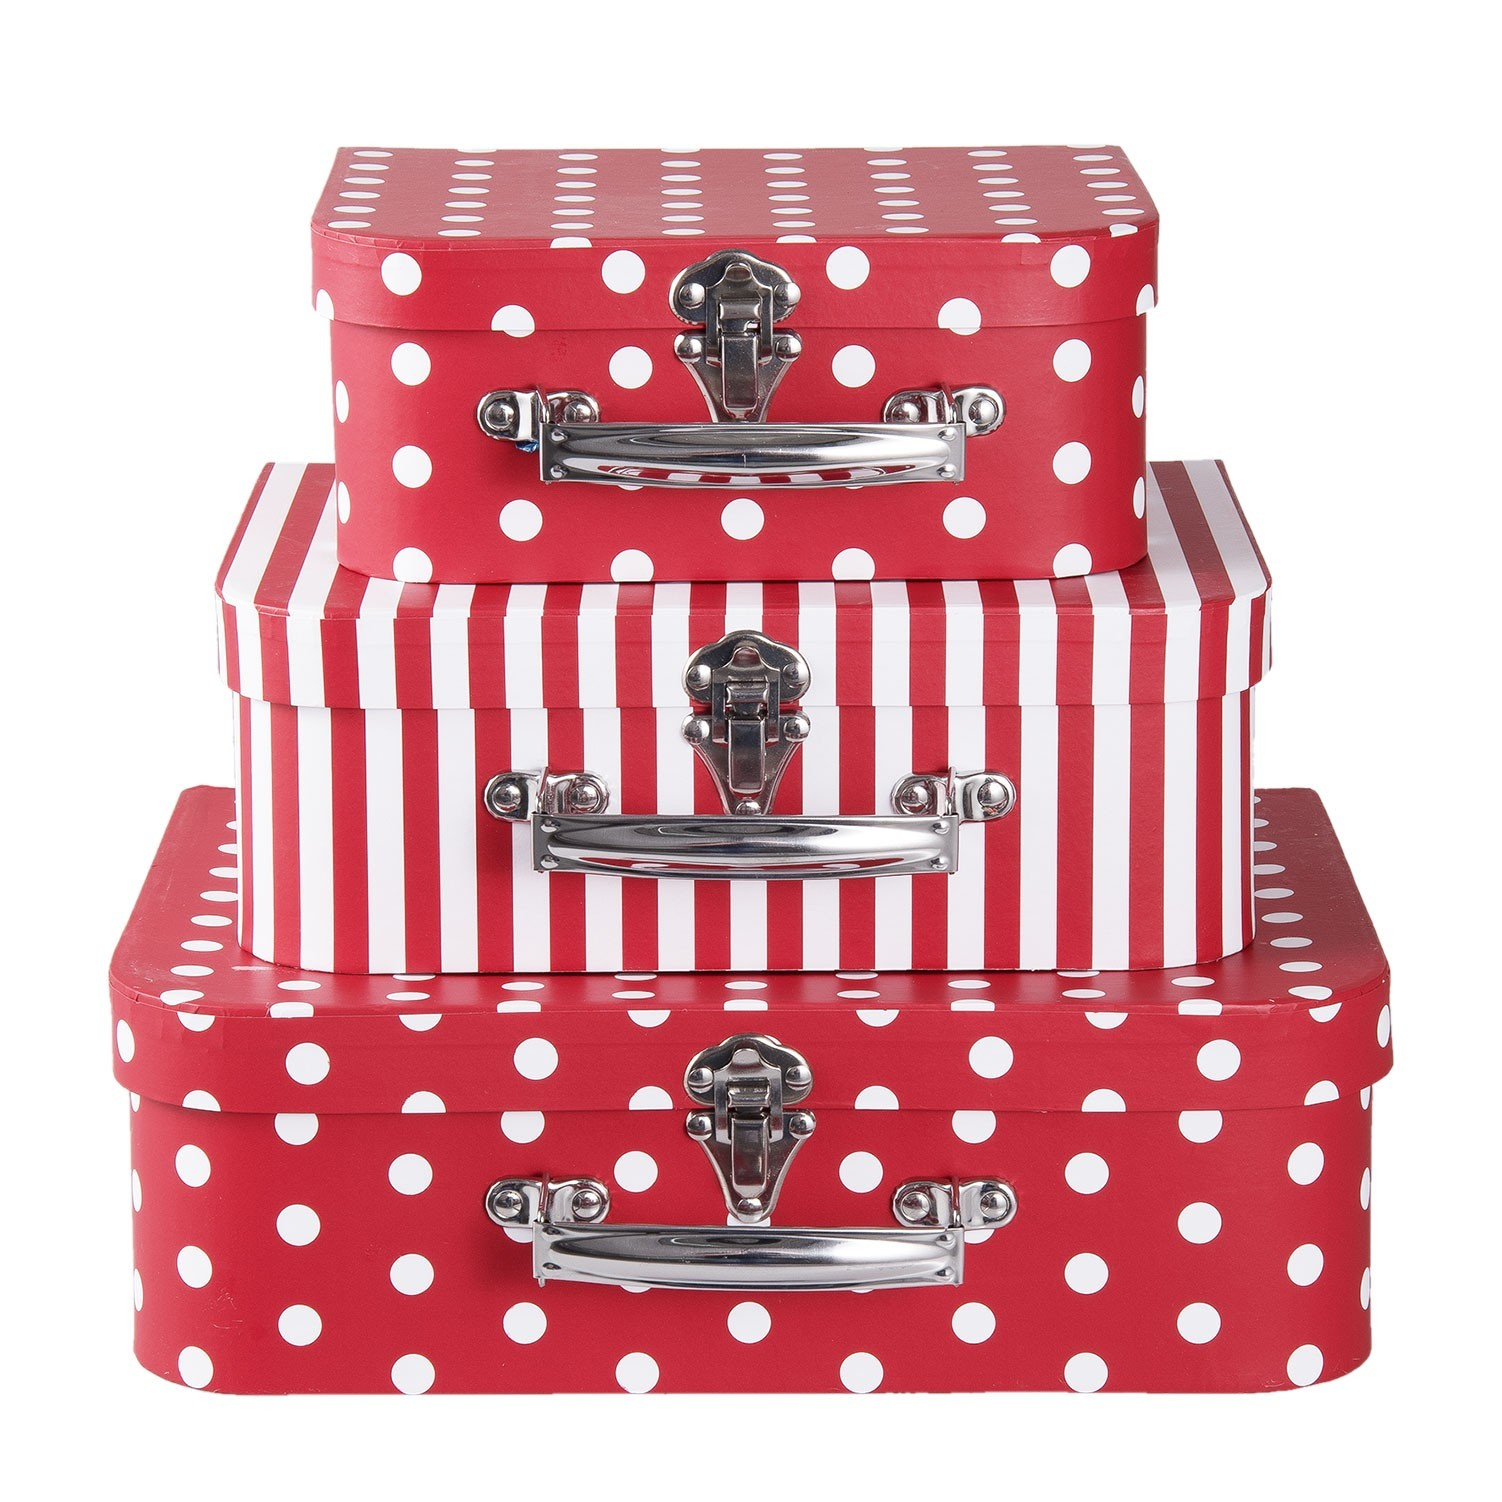 Clayre & Eef Červené papírové kufříky s puntíky 3ks - 30*22*9 cm /25*20*9 cm /20*17*8 cm